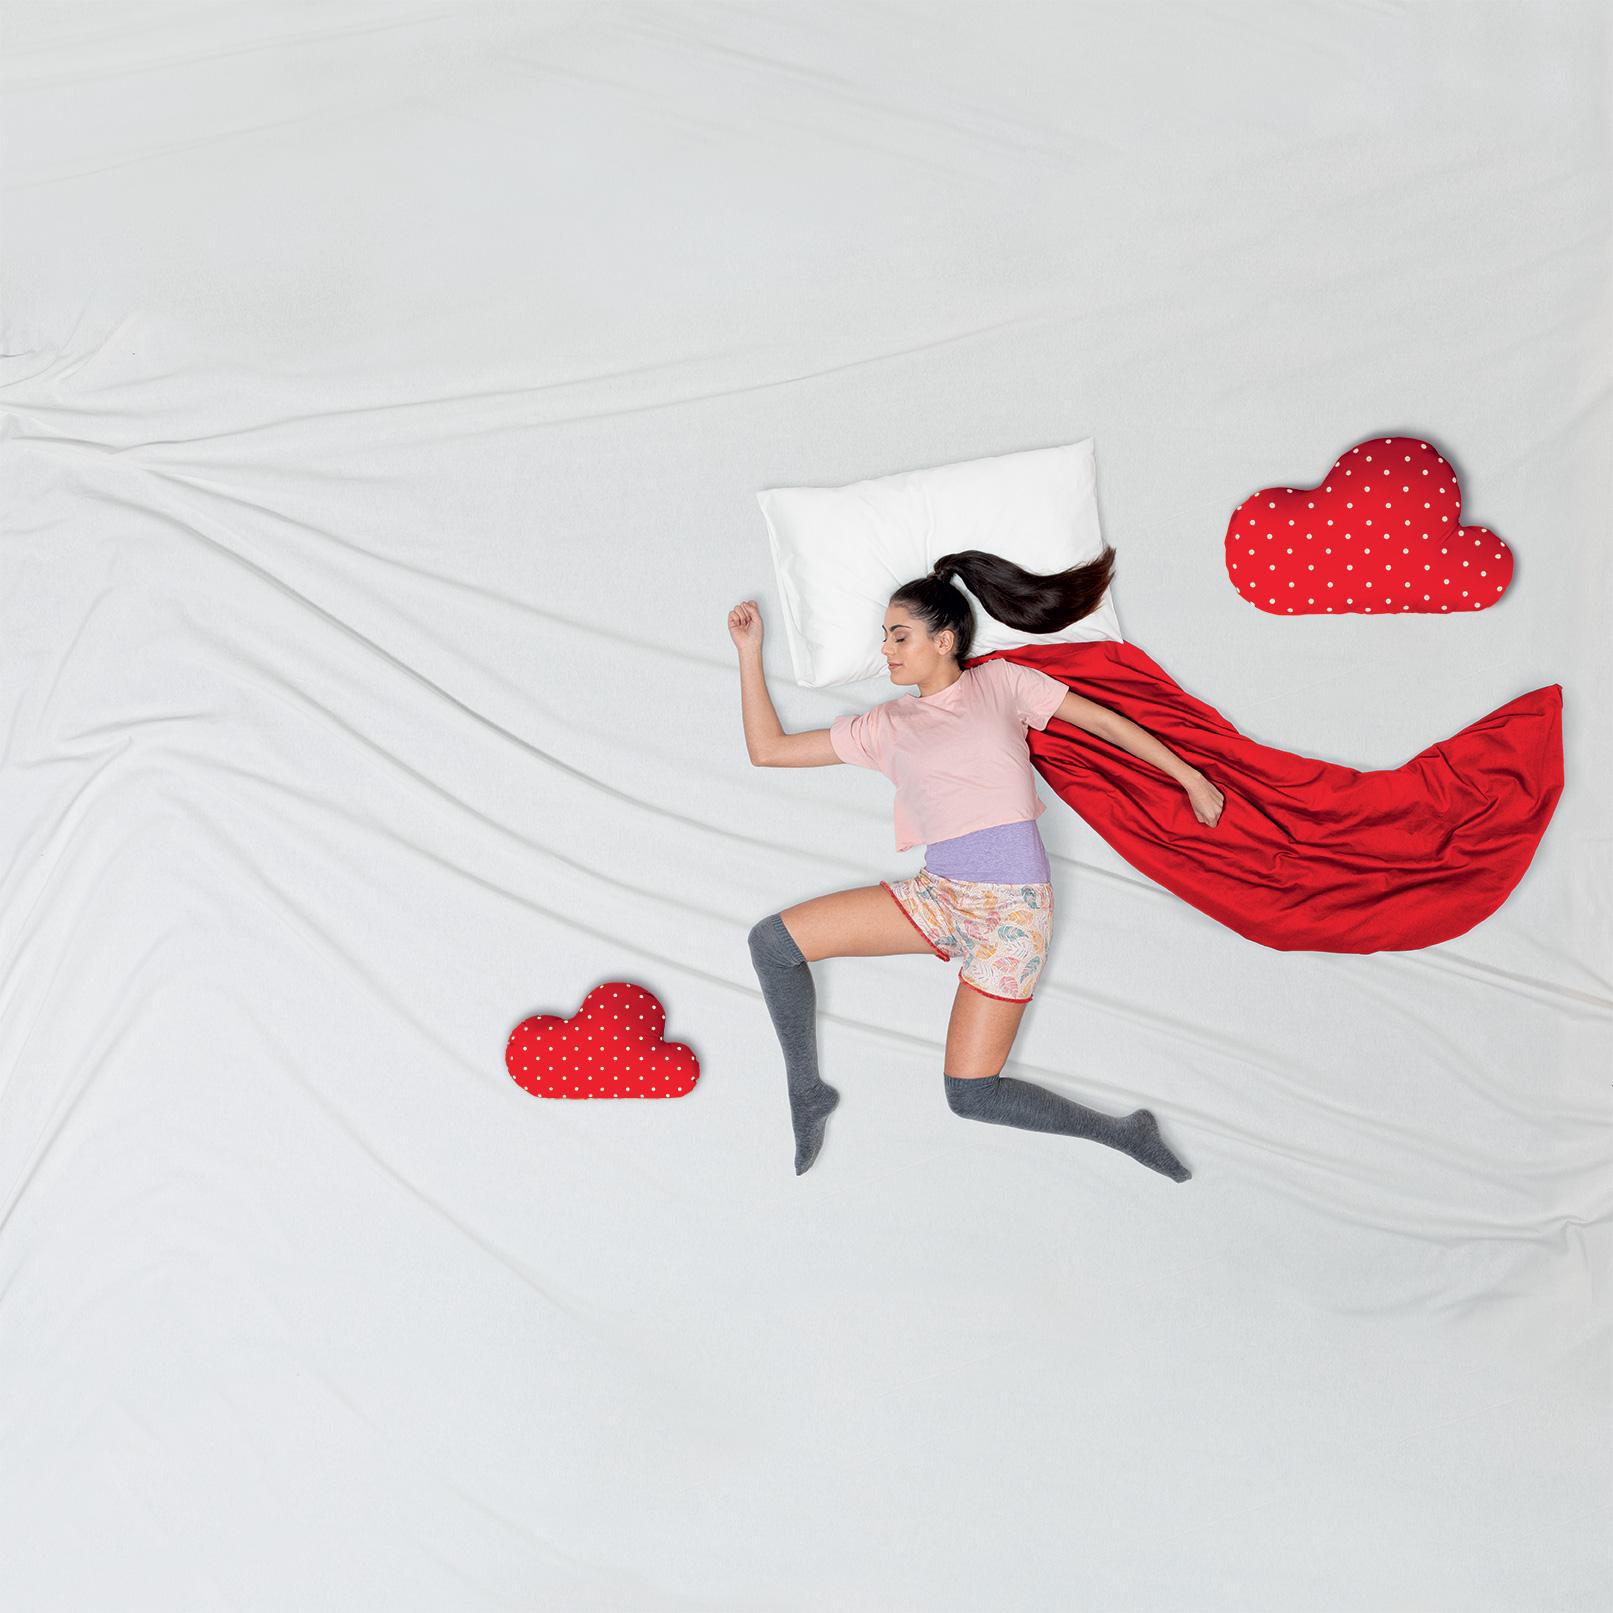 DreamLab: Fondazione Vodafone Italia e AIRC lanciano la nuova app thumbnail